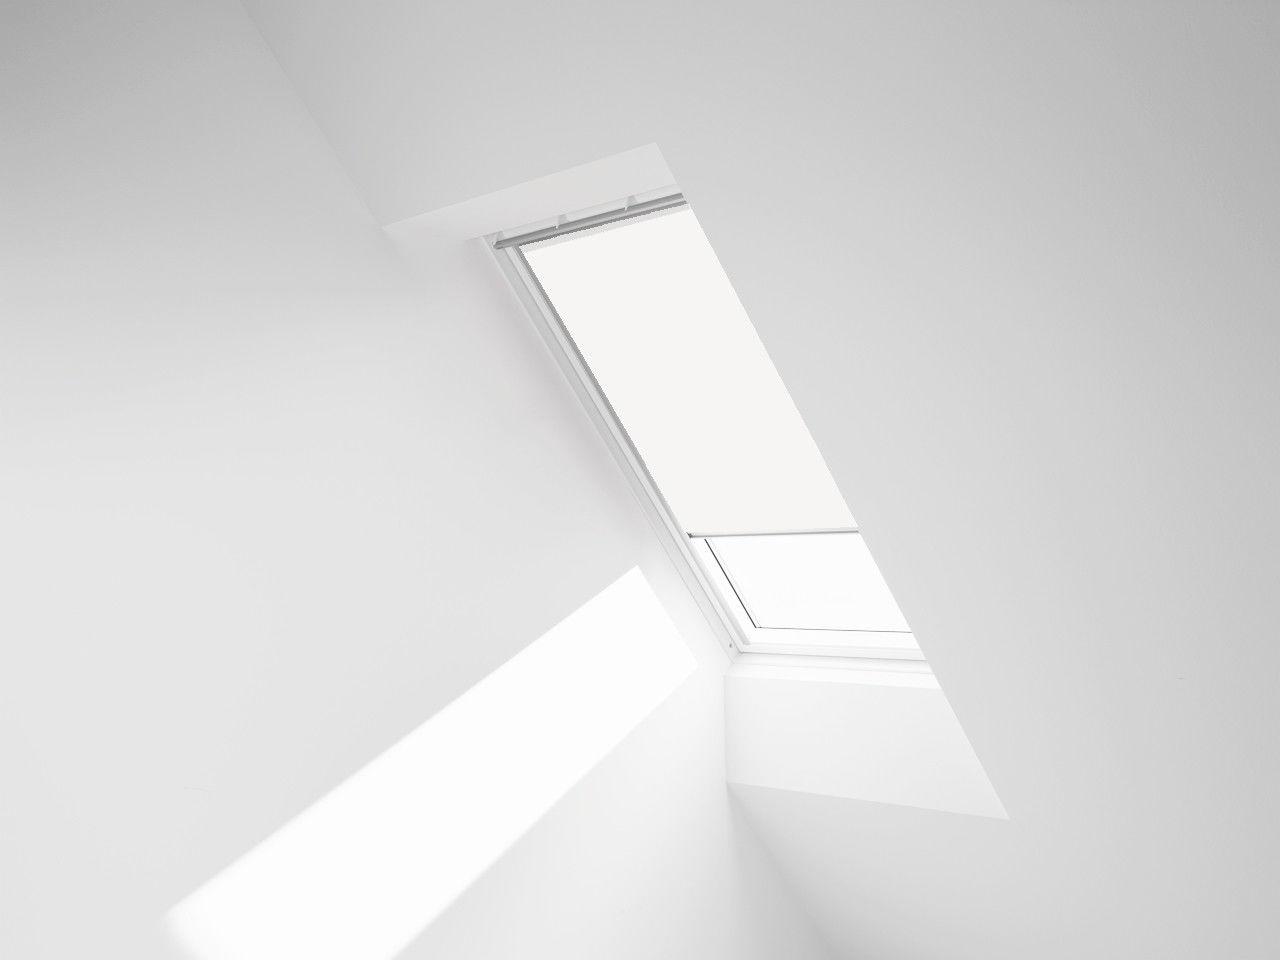 ROLETA ZACIEMNIAJĄCA ROOFART DUR - kolor 4208 (biały) - 78x140 M8A